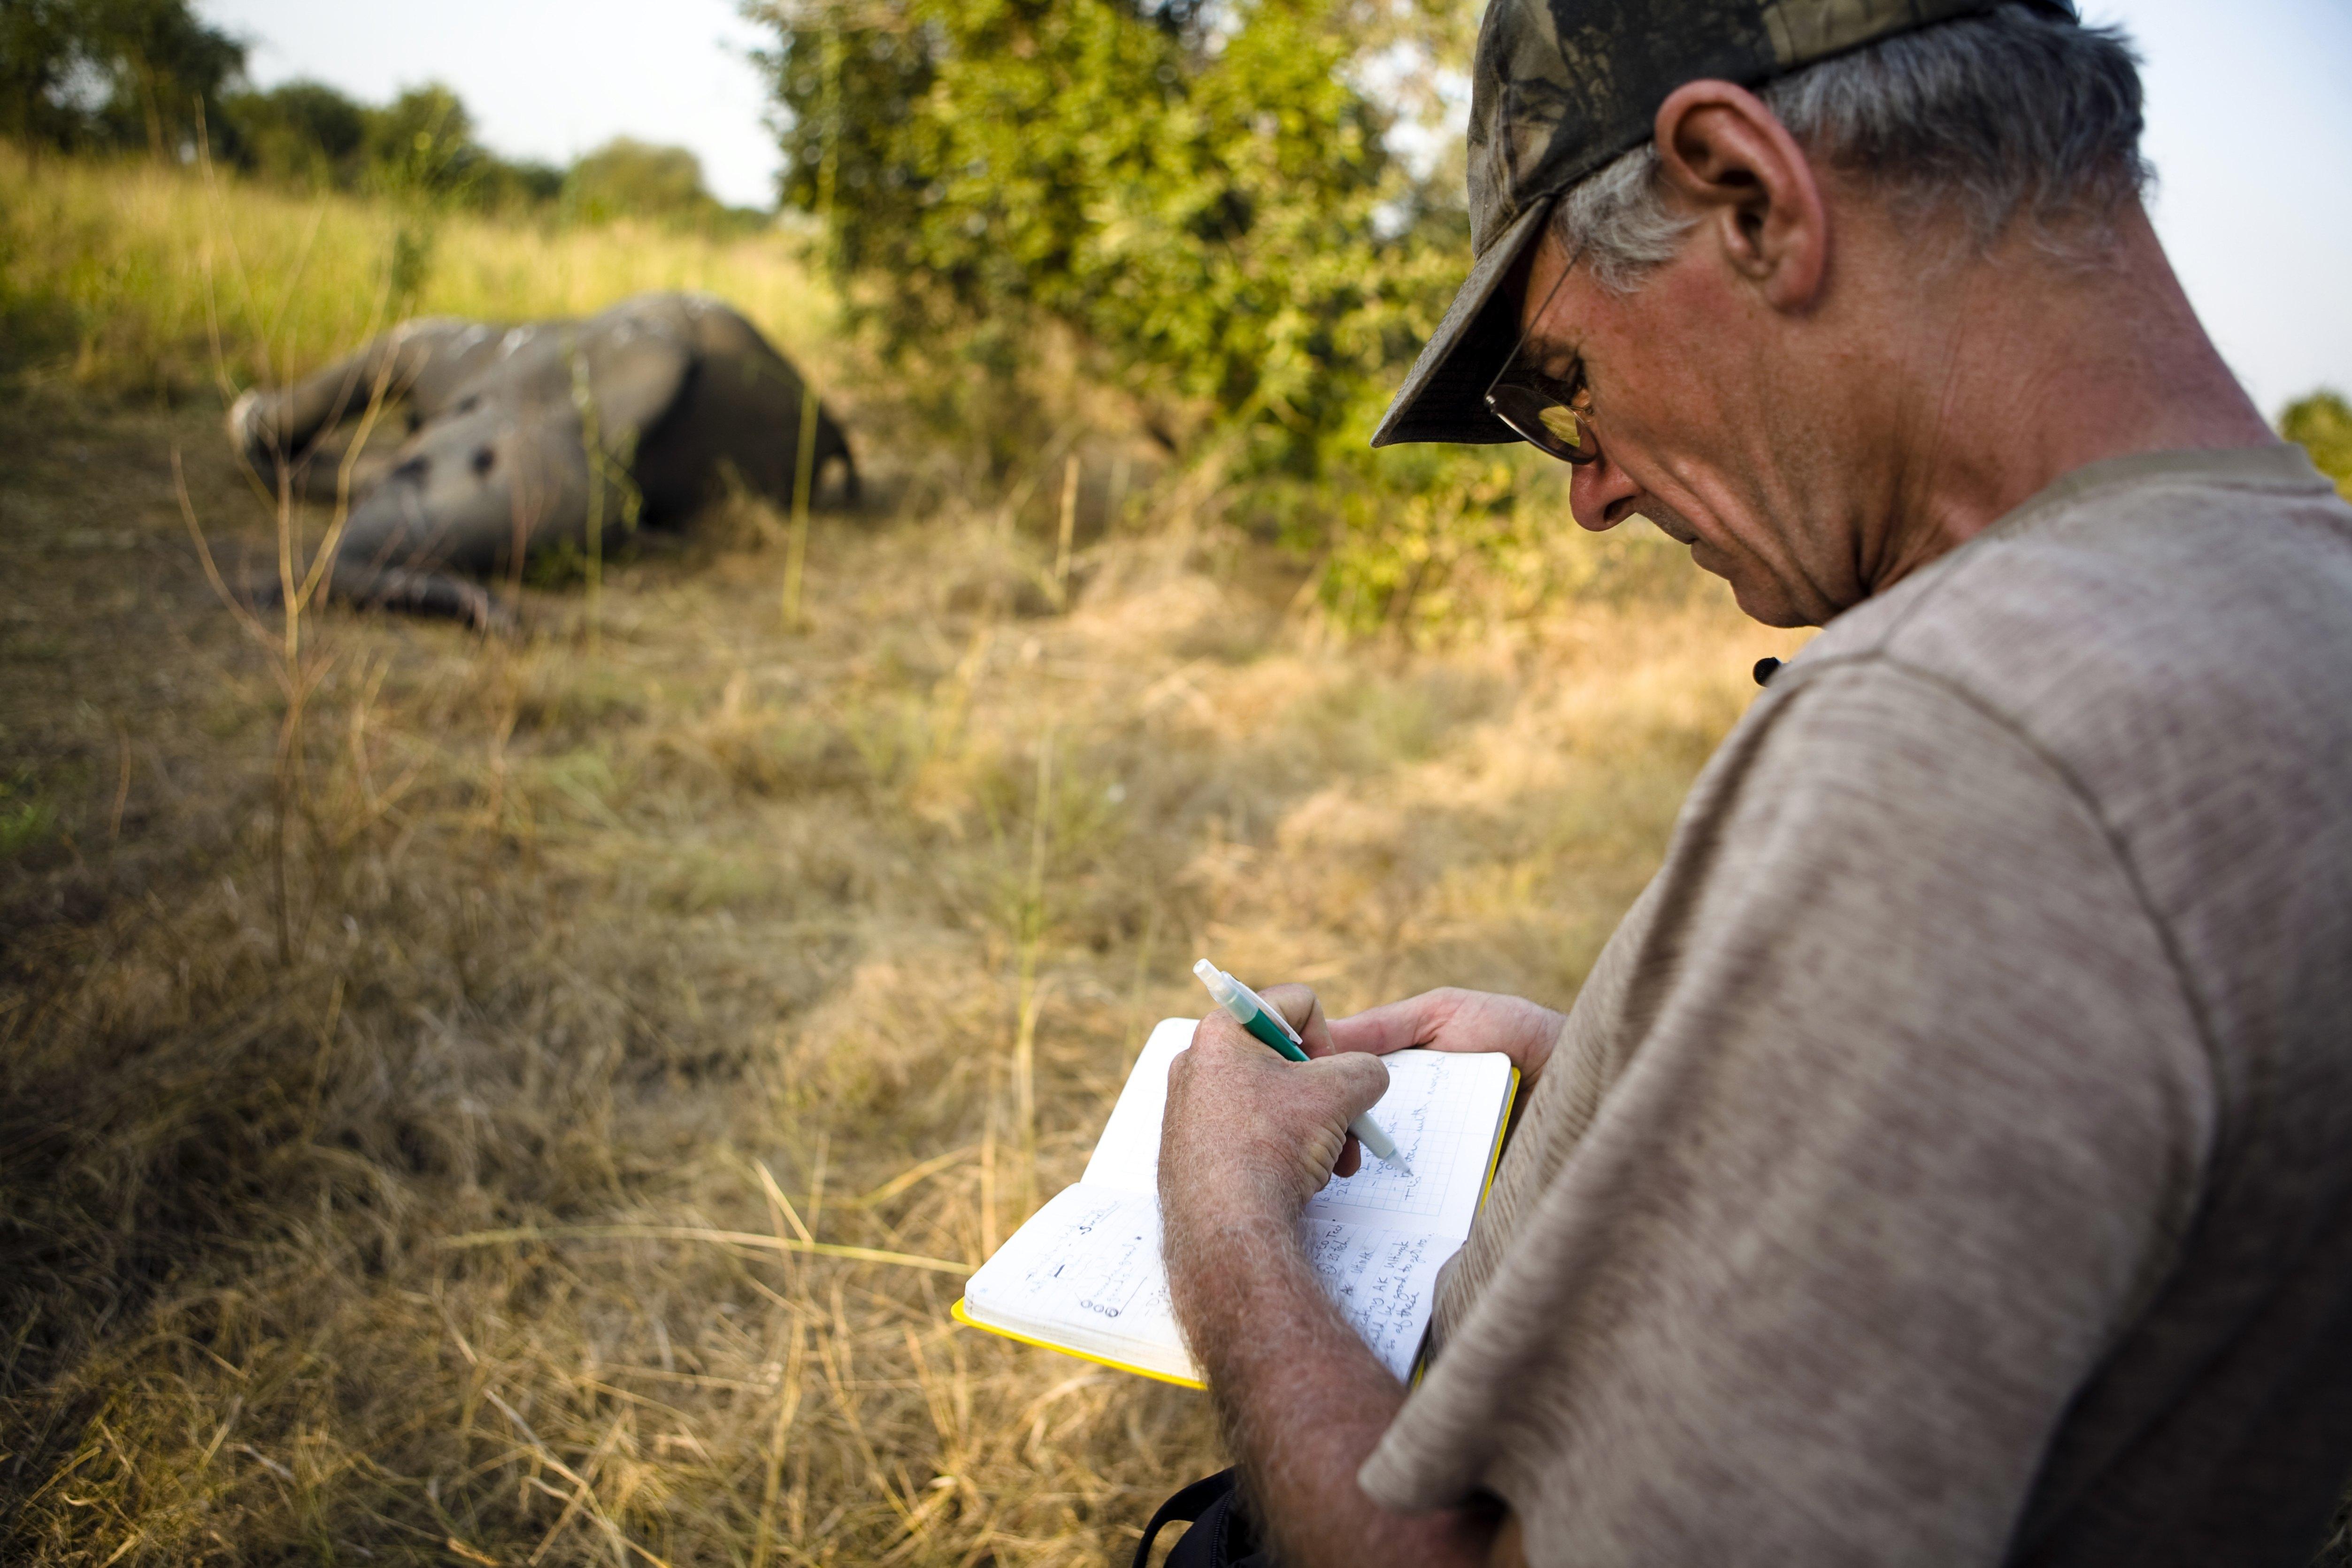 Macel in masa in parcul national din Zimbabwe, in care traia si leul Cecil. 62 de elefanti au fost otraviti si decapitati